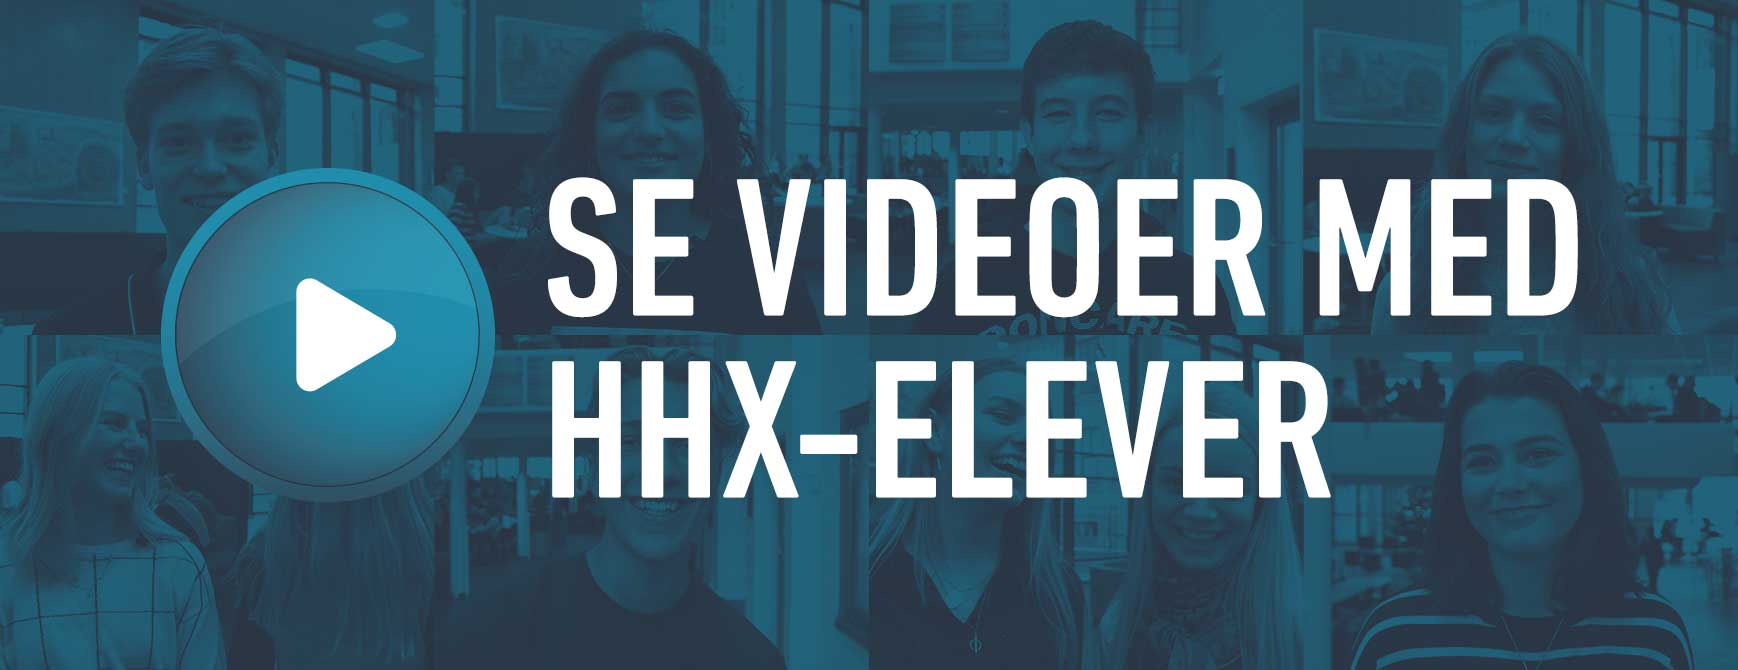 Videoer med HHX elever